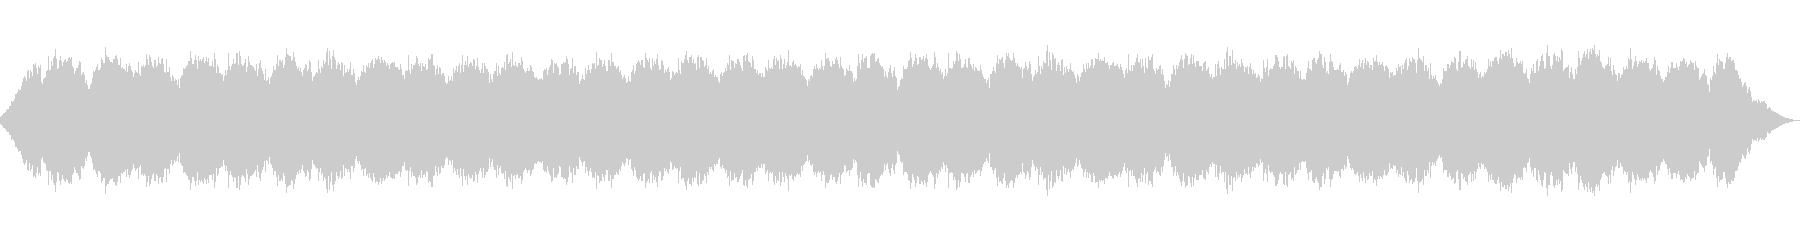 夜の睡眠安眠曲アンビエント/秋の虫の声の未再生の波形